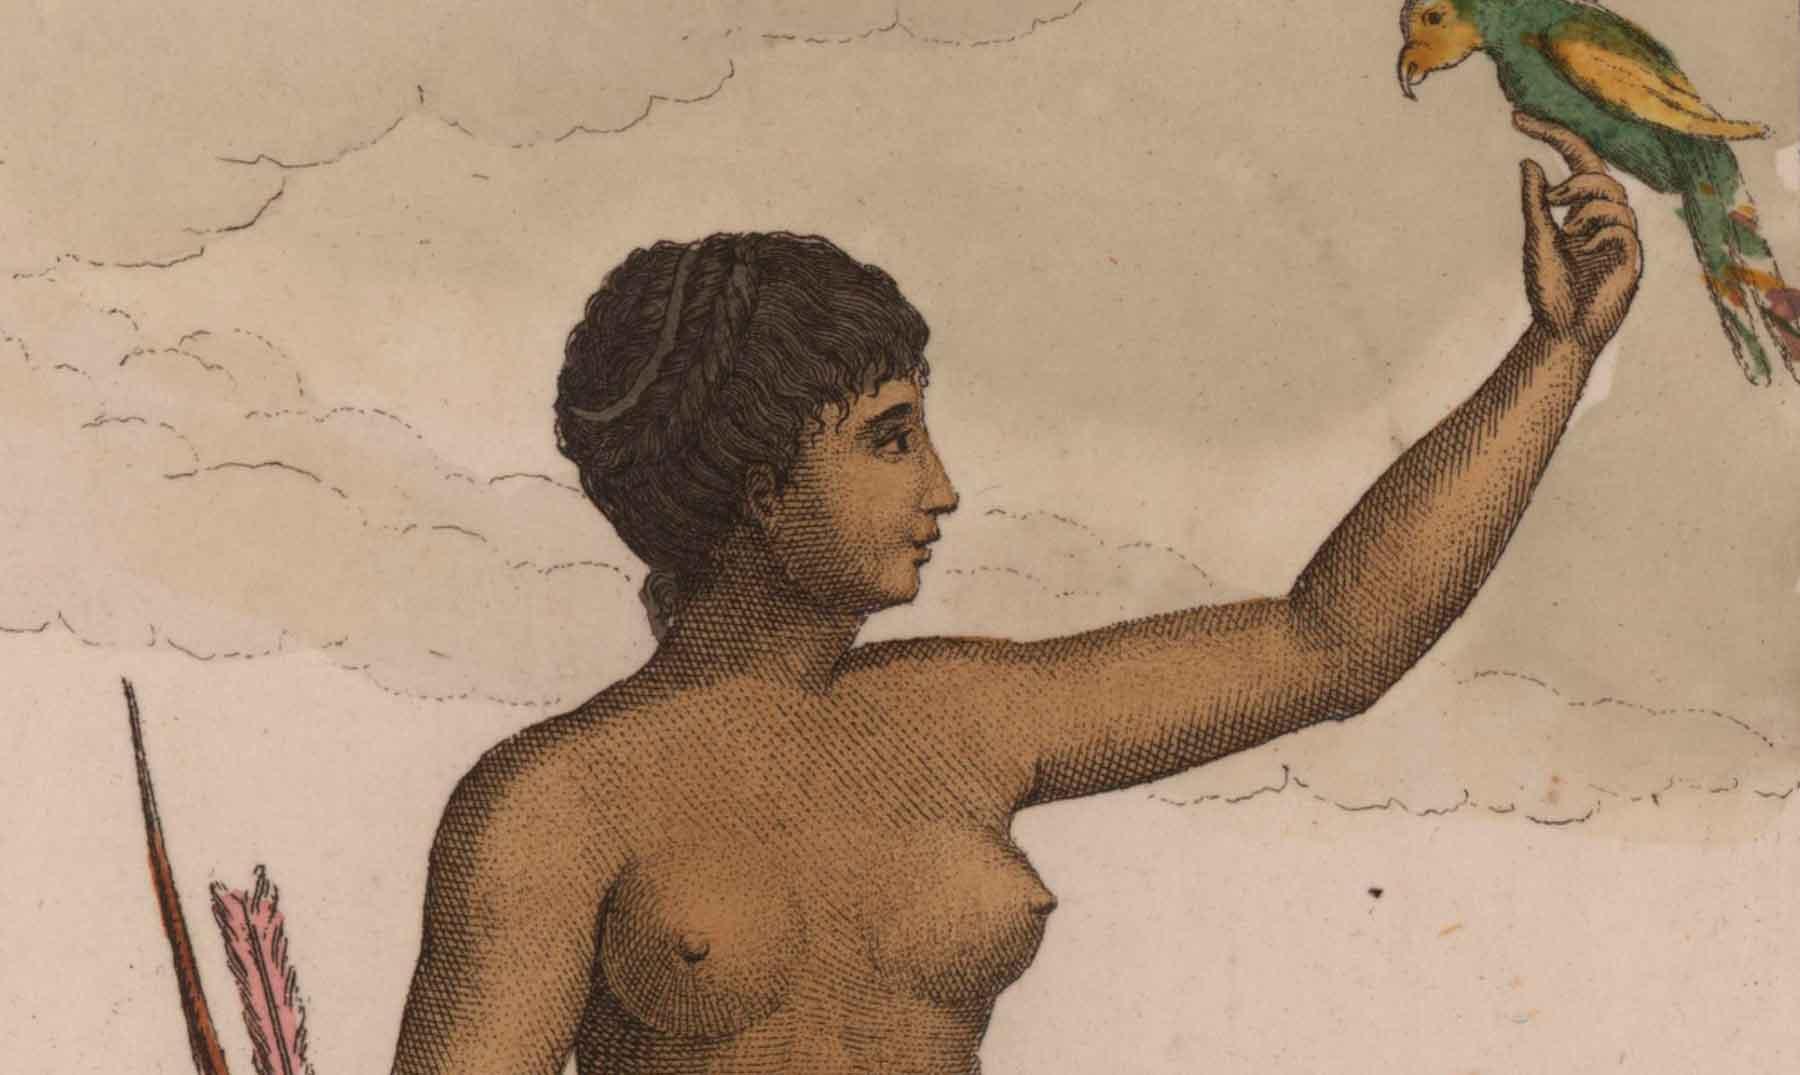 El origen mitológico del lago más grande de Sudamerica